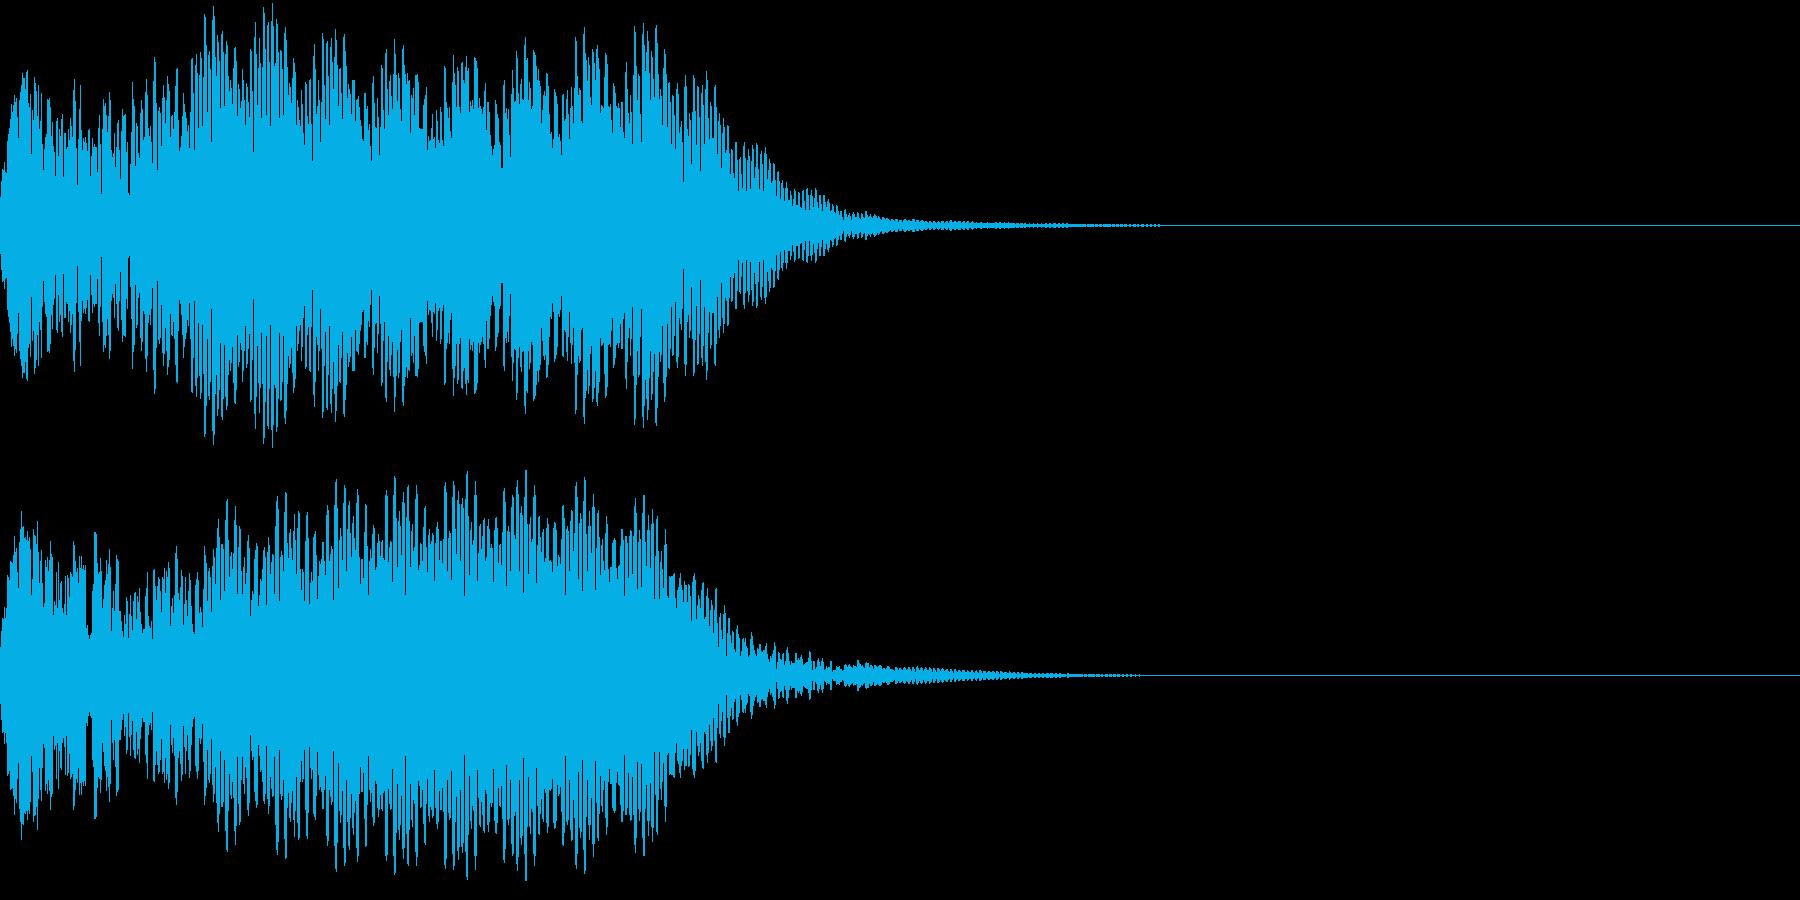 キュイン 光 ピカーン フラッシュ 14の再生済みの波形